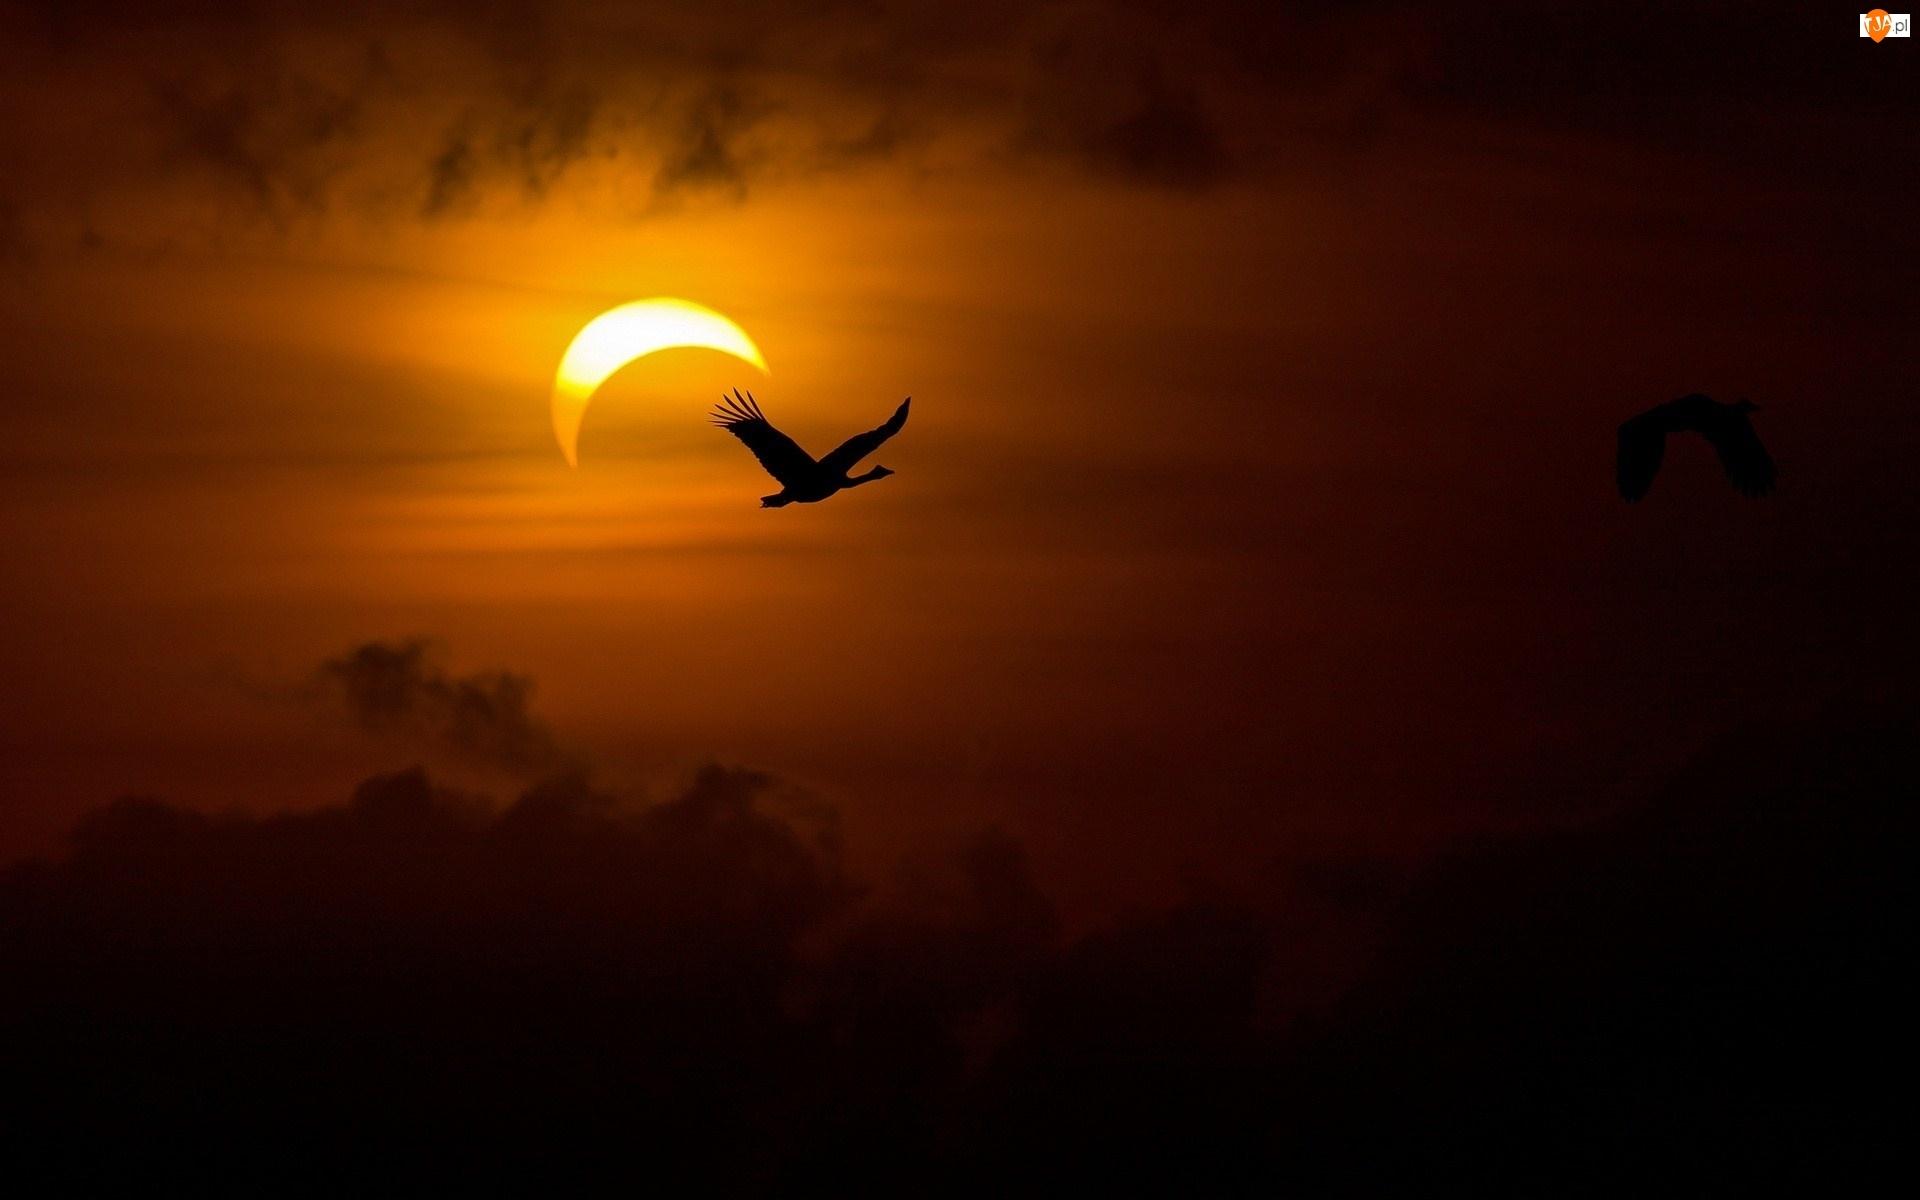 Żuraw, Ptak, Zachód słońca